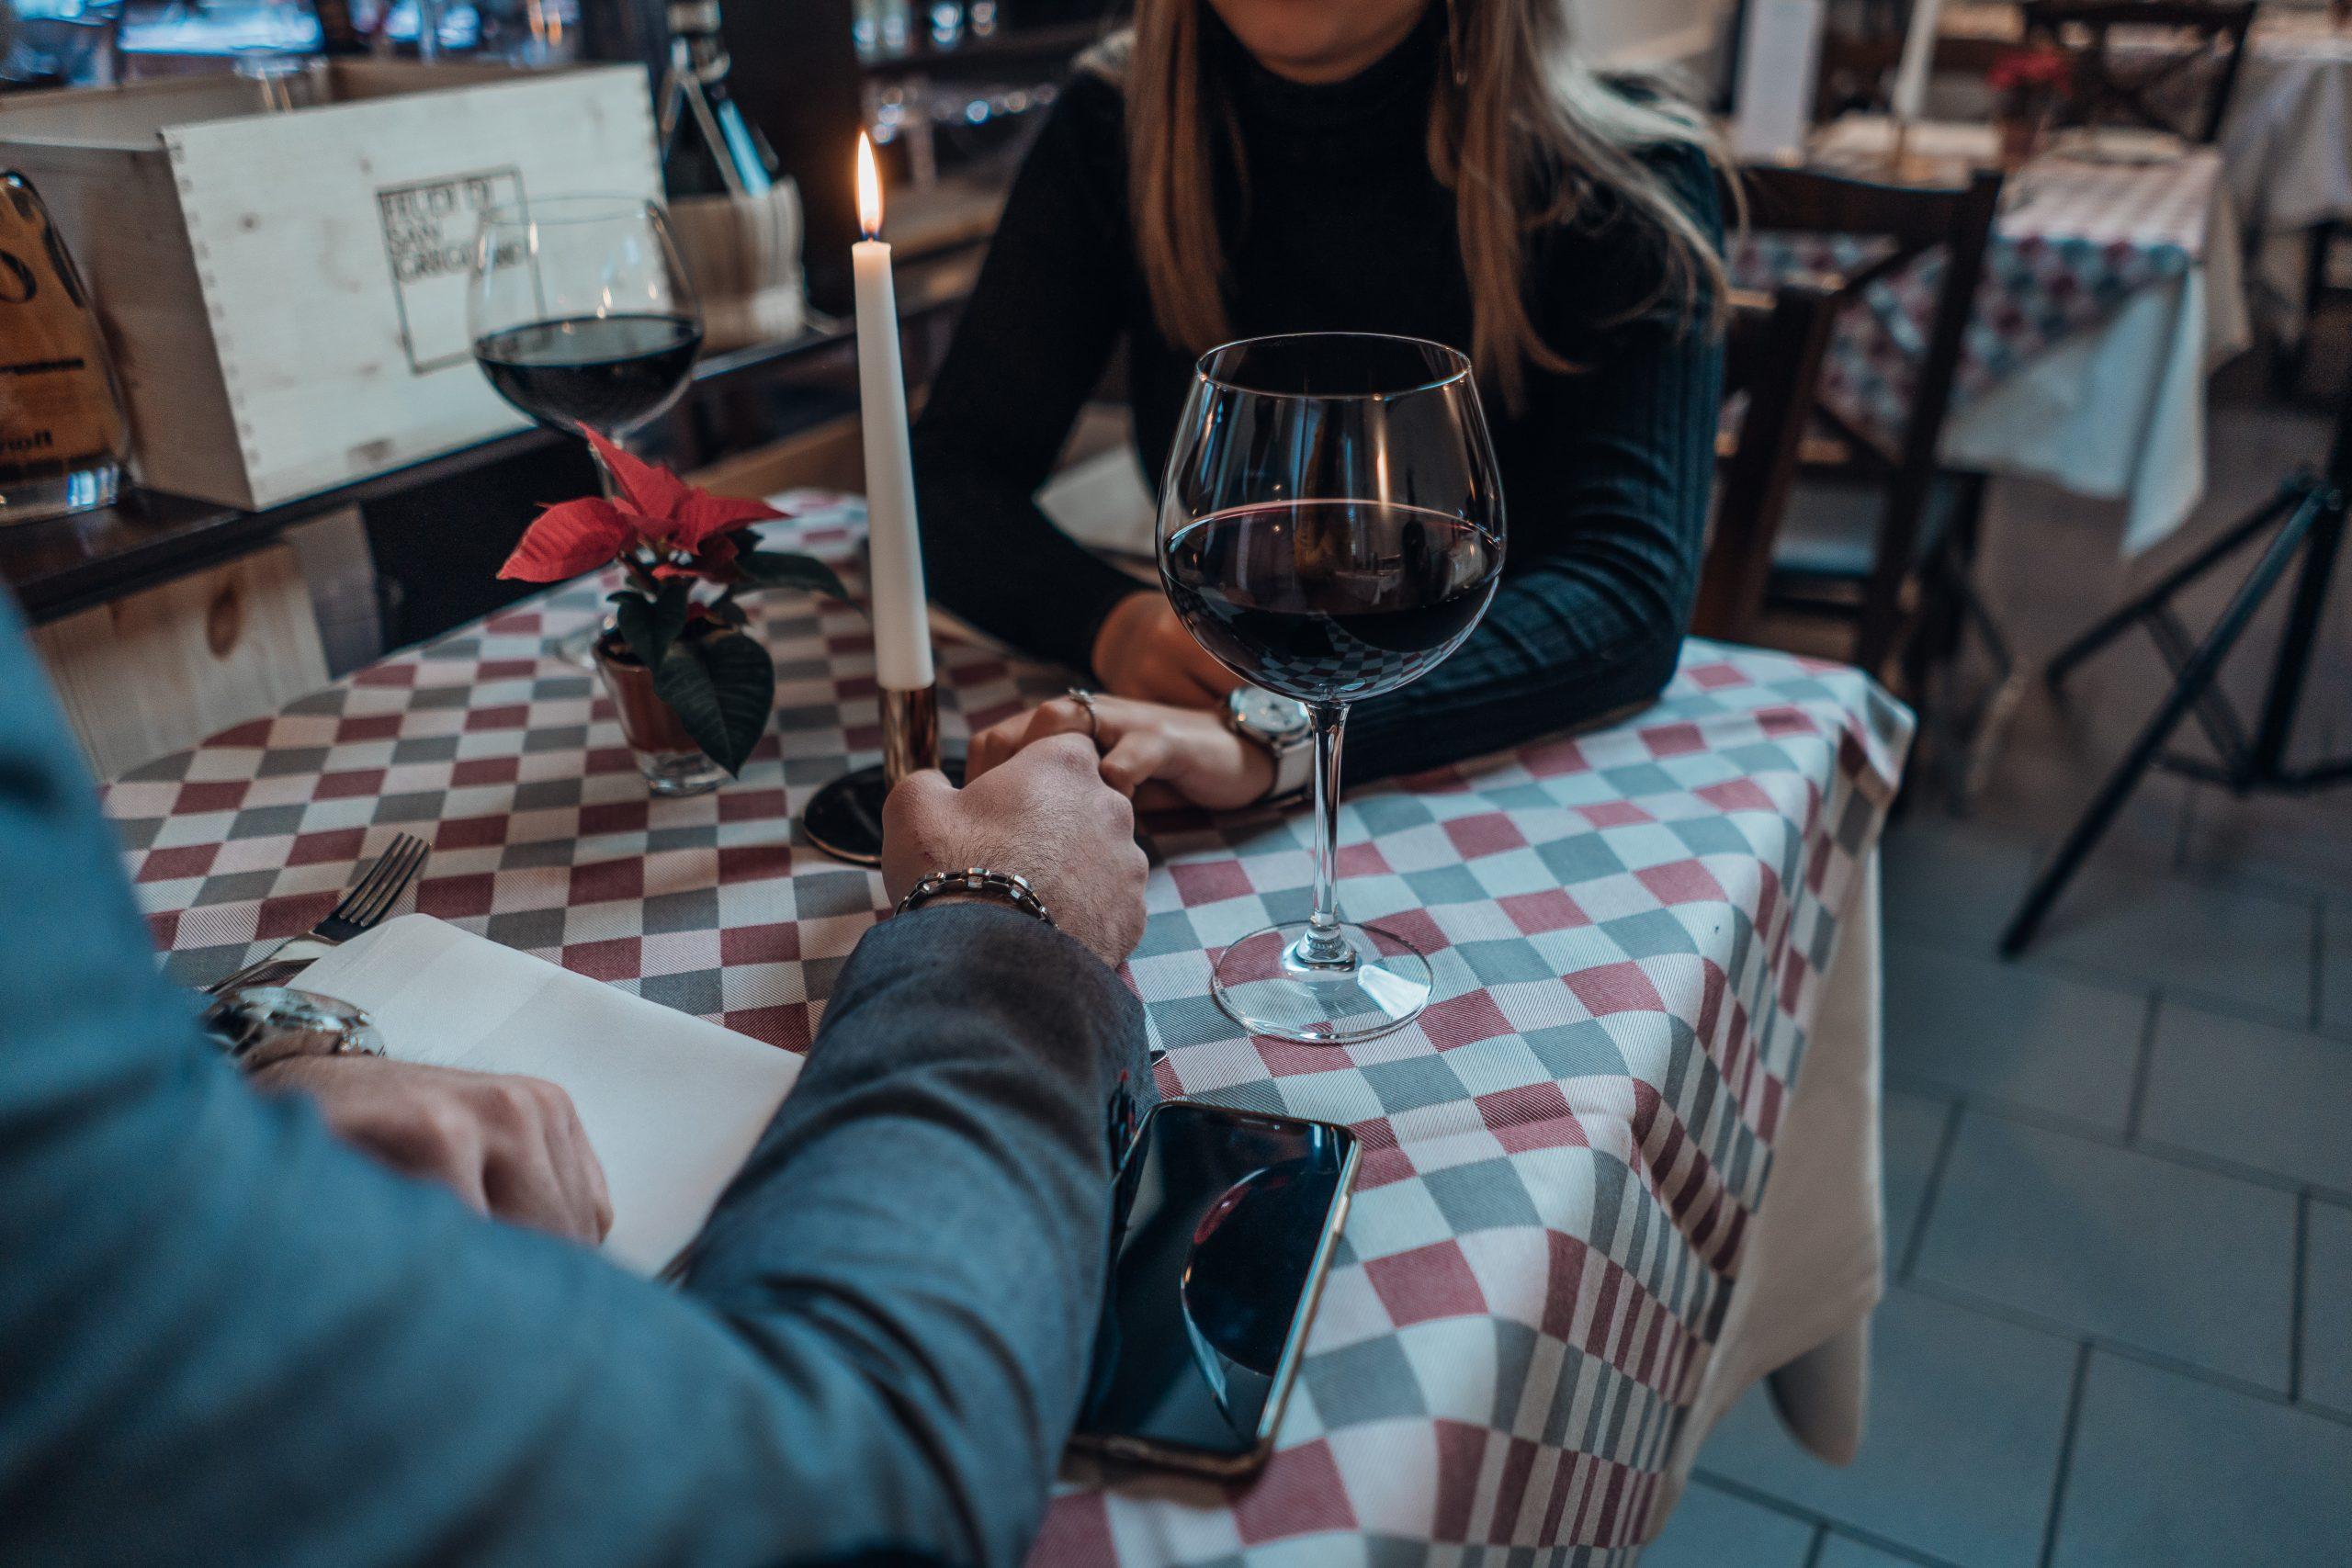 Psychologička: Hľadať si partnera podľa fotky je zradné. Appka priamy kontakt nenahradí (+podcast)